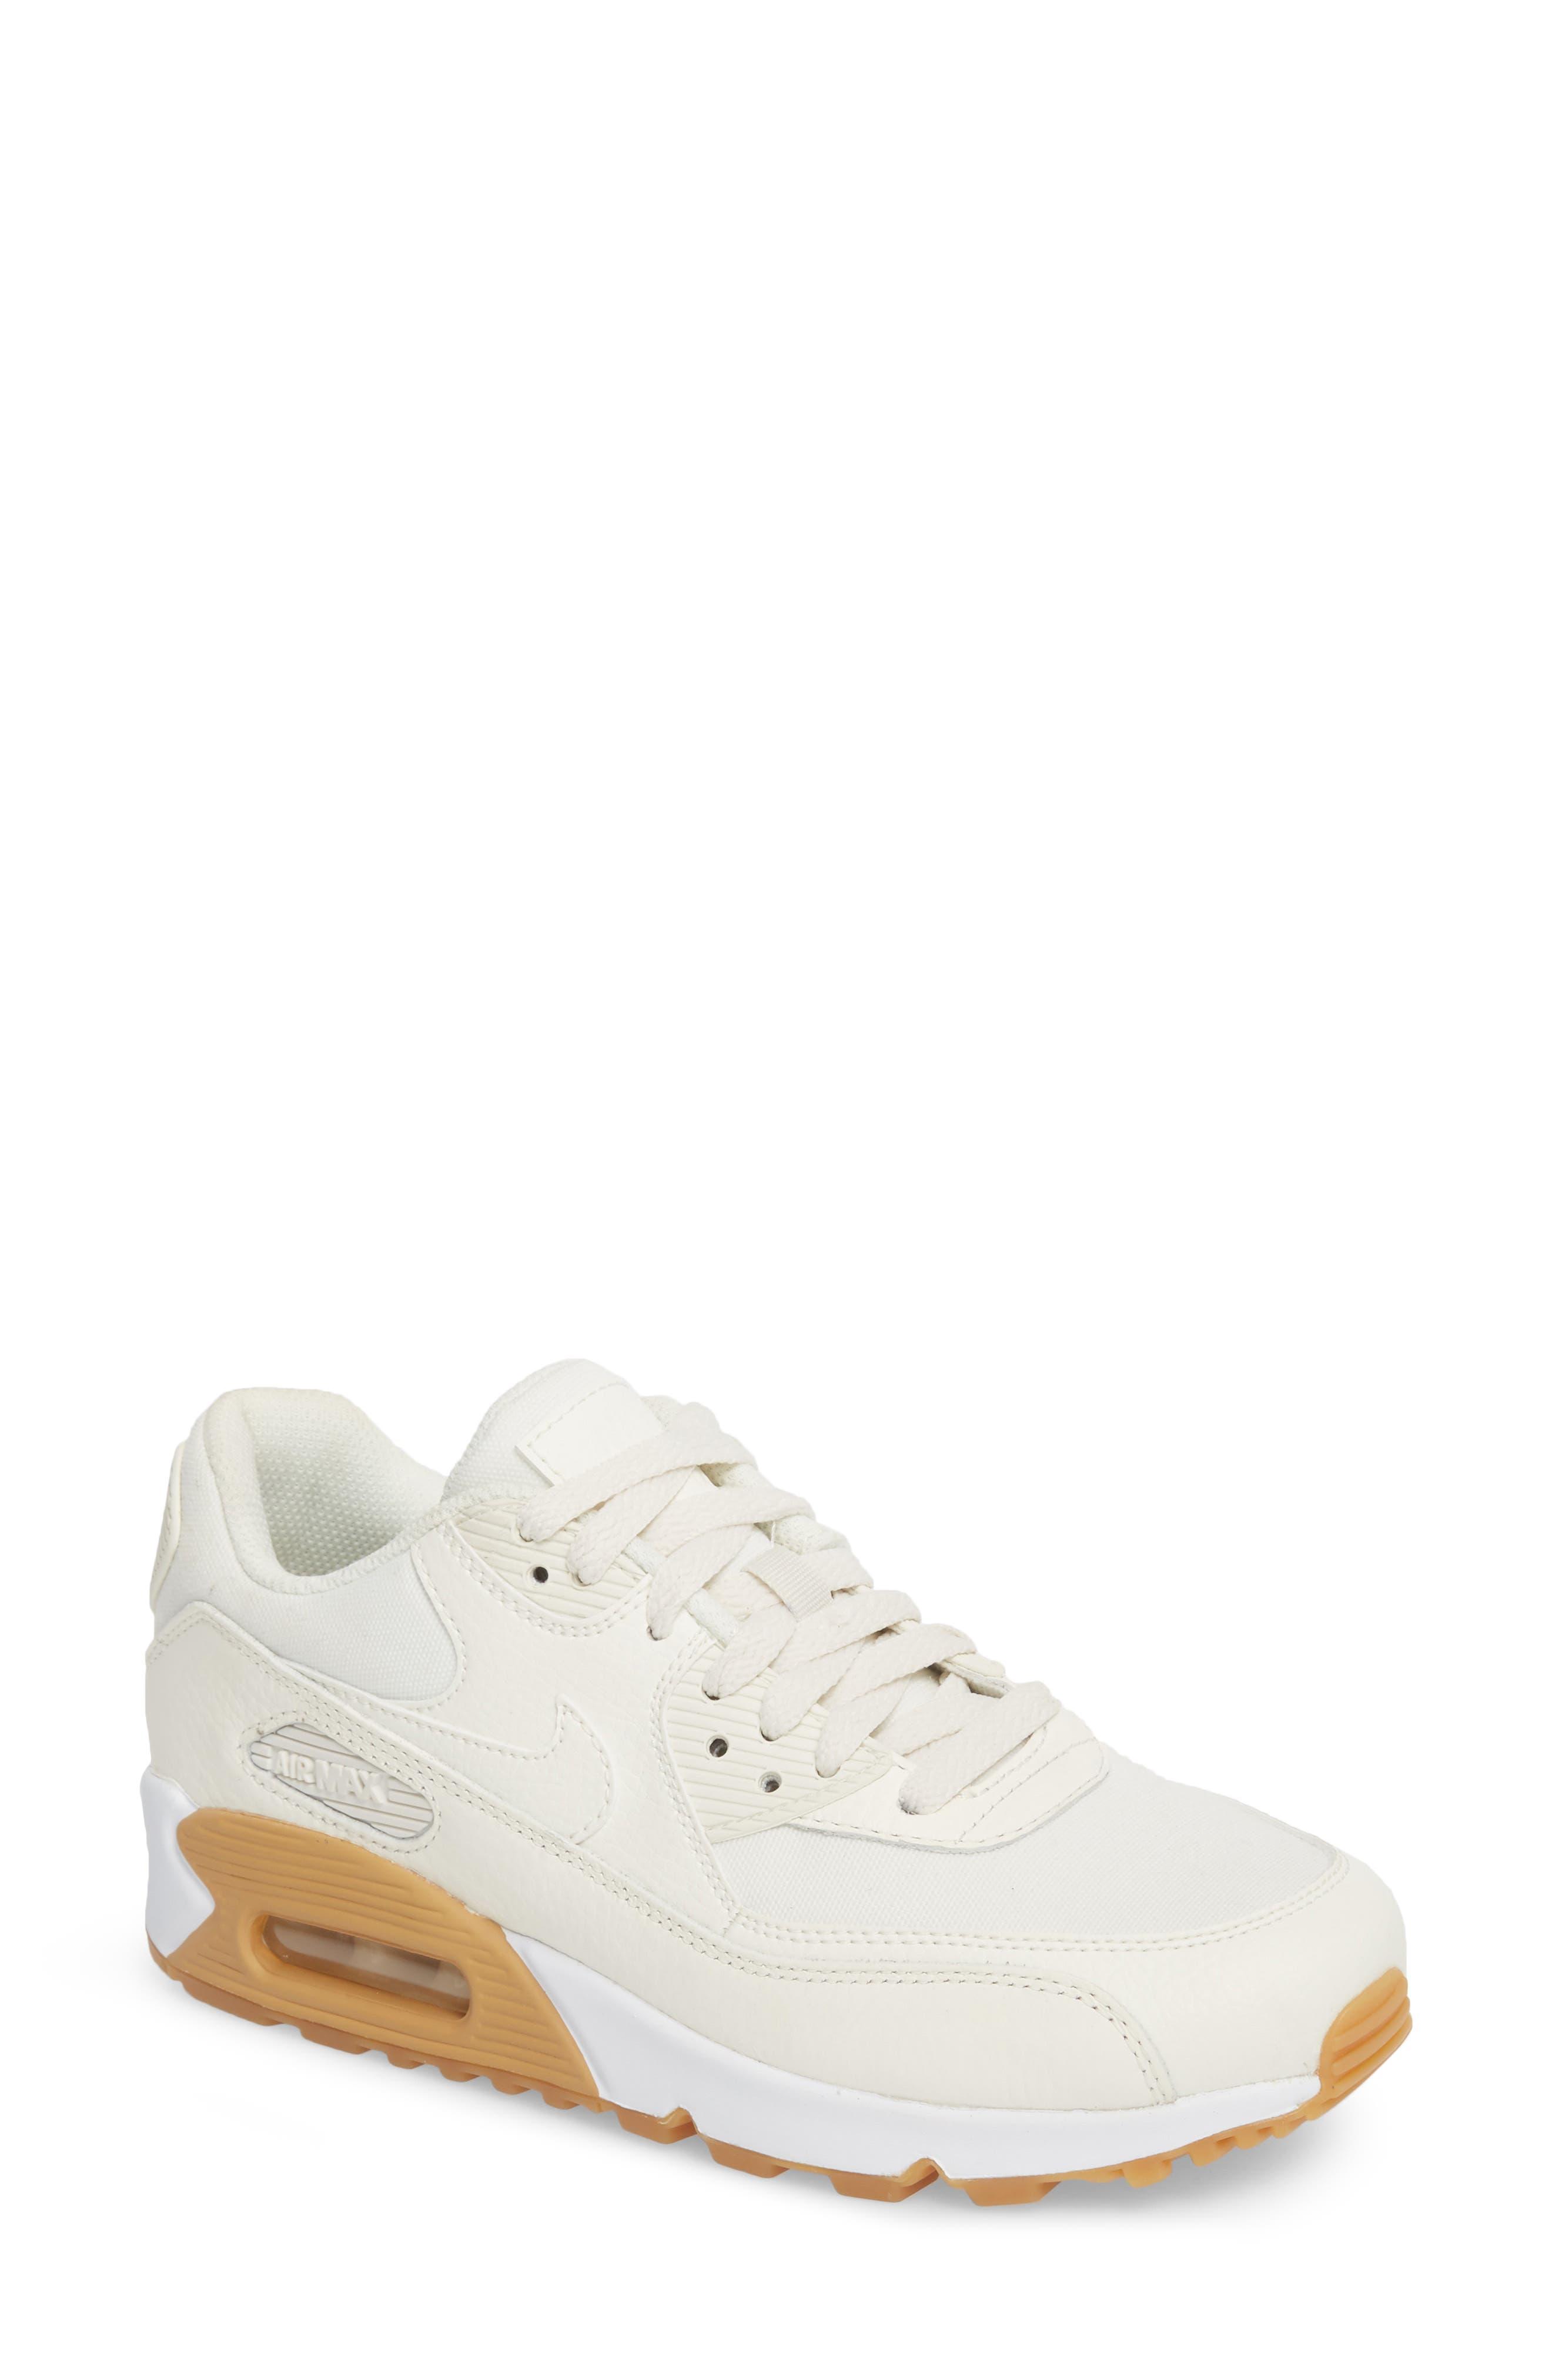 Air Max 90 Premium Sneaker,                             Main thumbnail 1, color,                             Sail/ Light Brown/ White